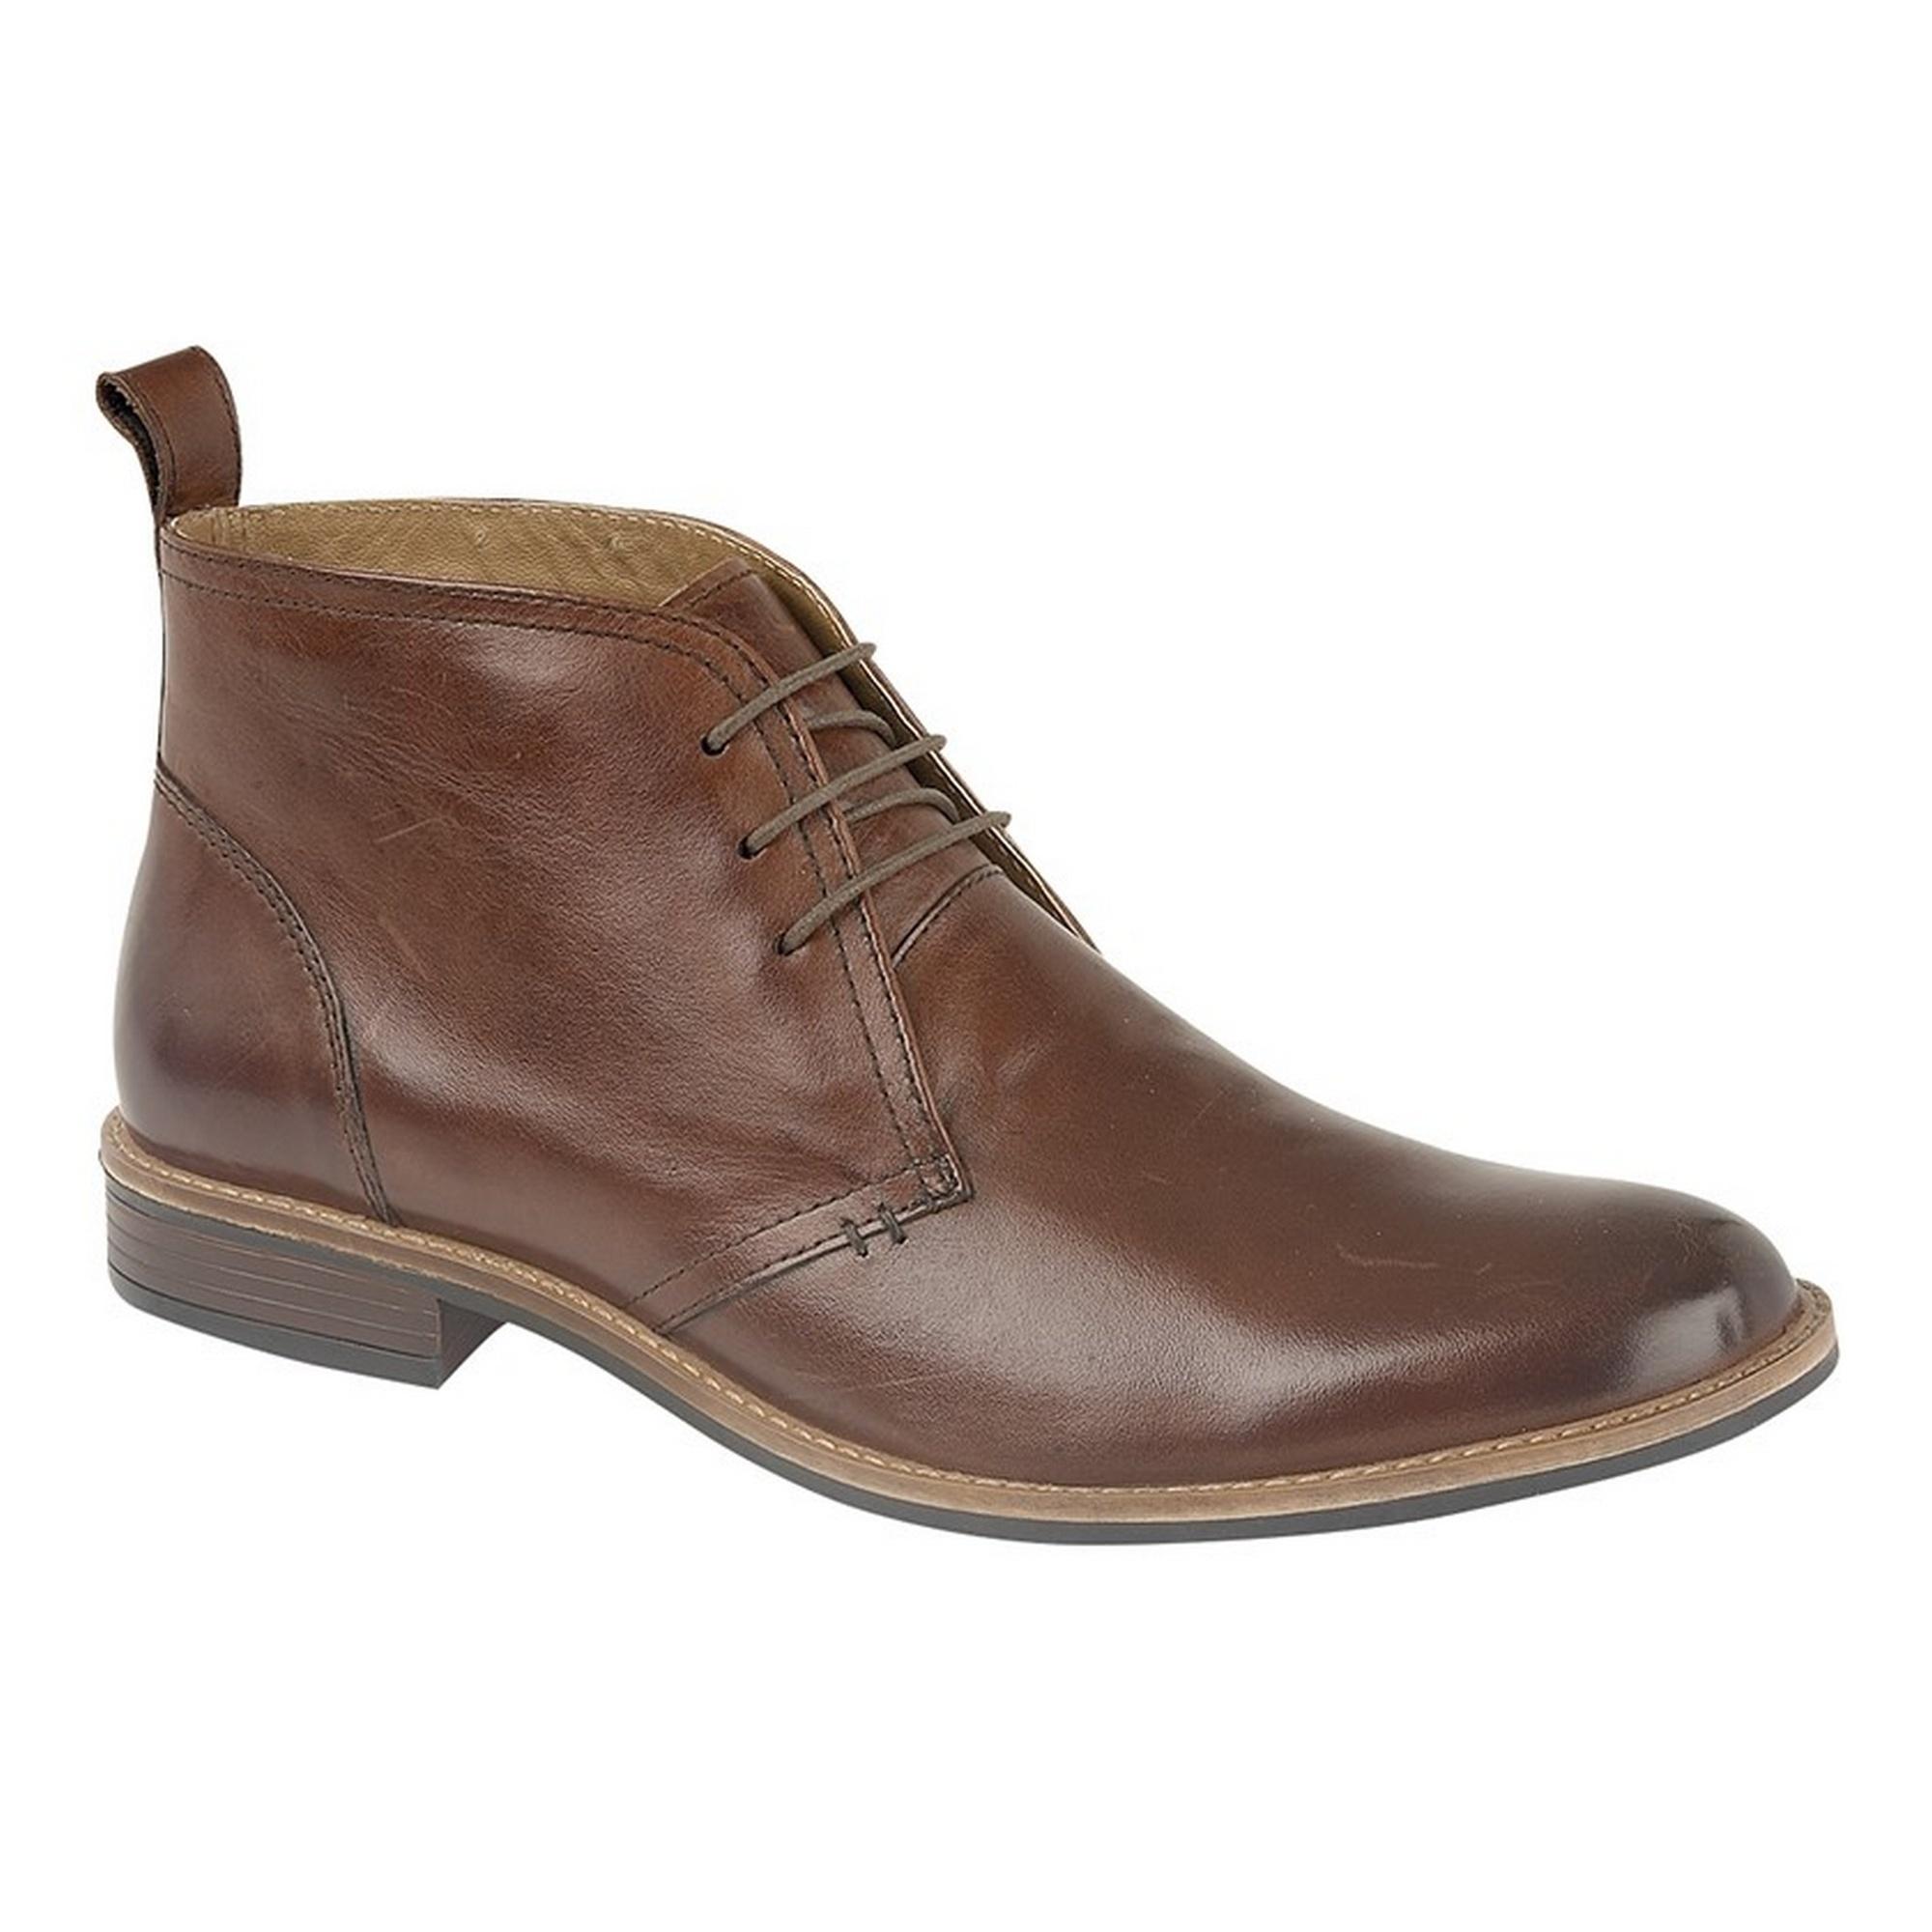 Roamers Mens Leather 3 Eye Desert Boots (7 UK) (Brown)